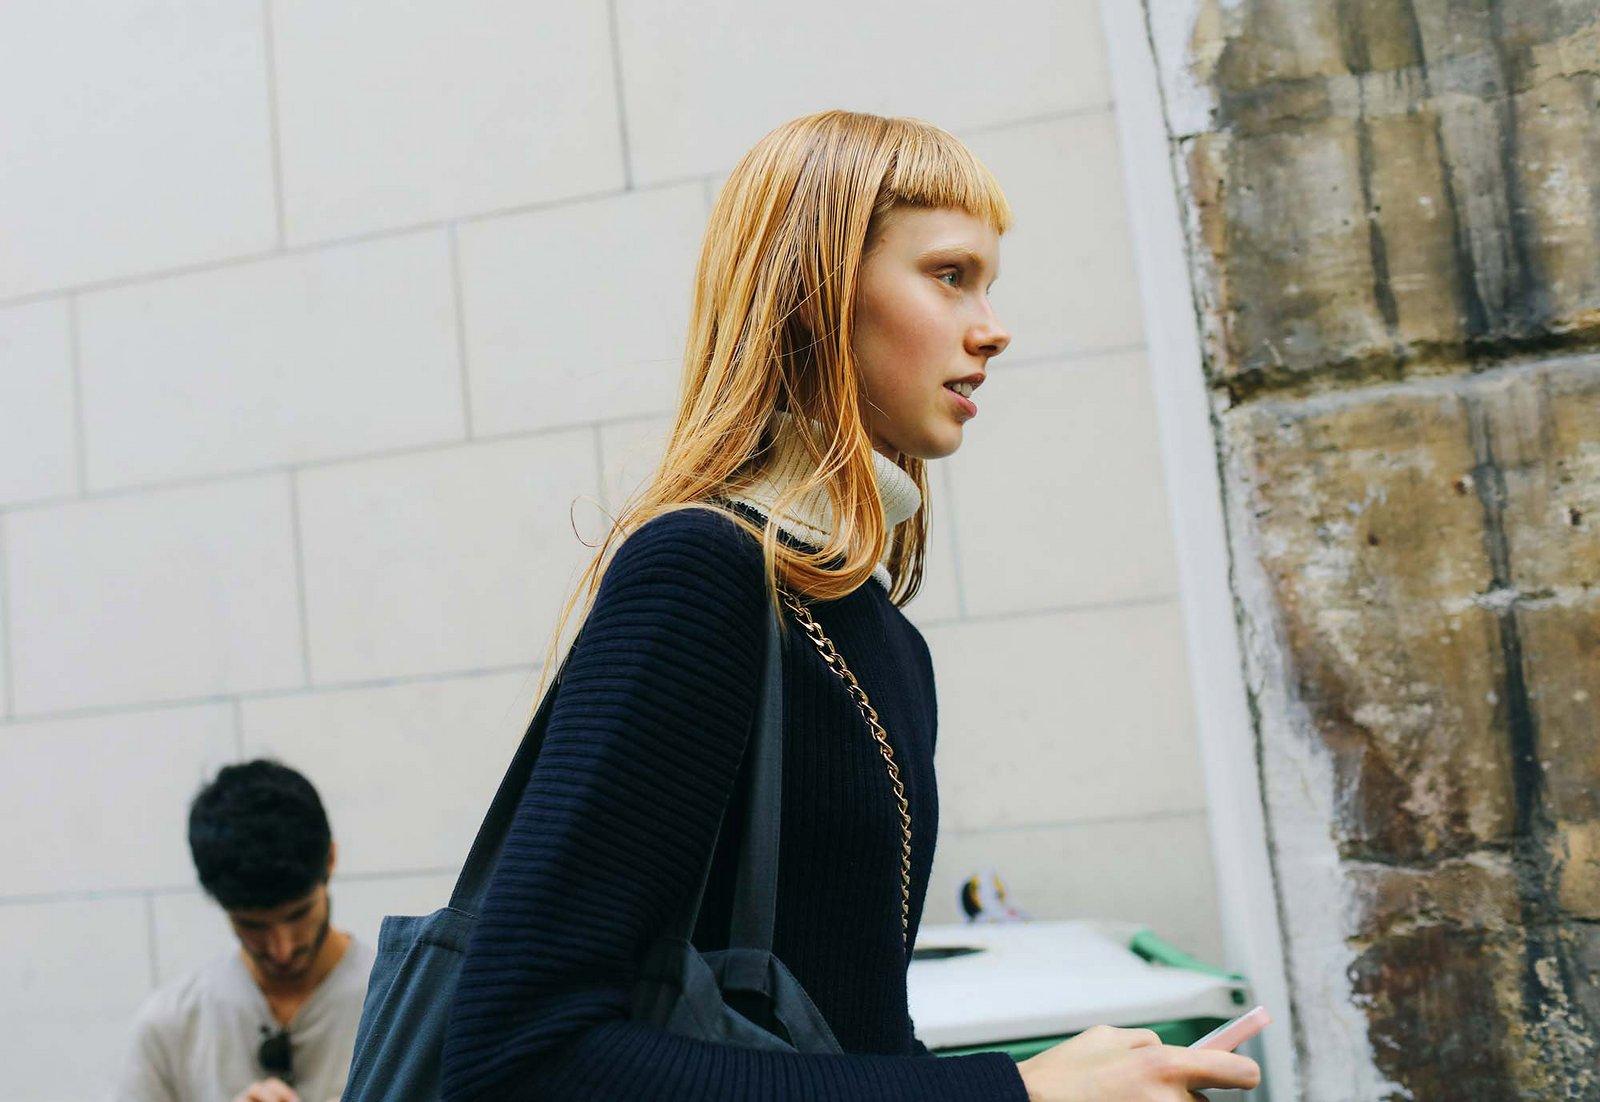 Fashionista thế giới náo loạn vì tóc nhuộm neon cùng mái siêu ngắn chẳng giống ai - Ảnh 9.